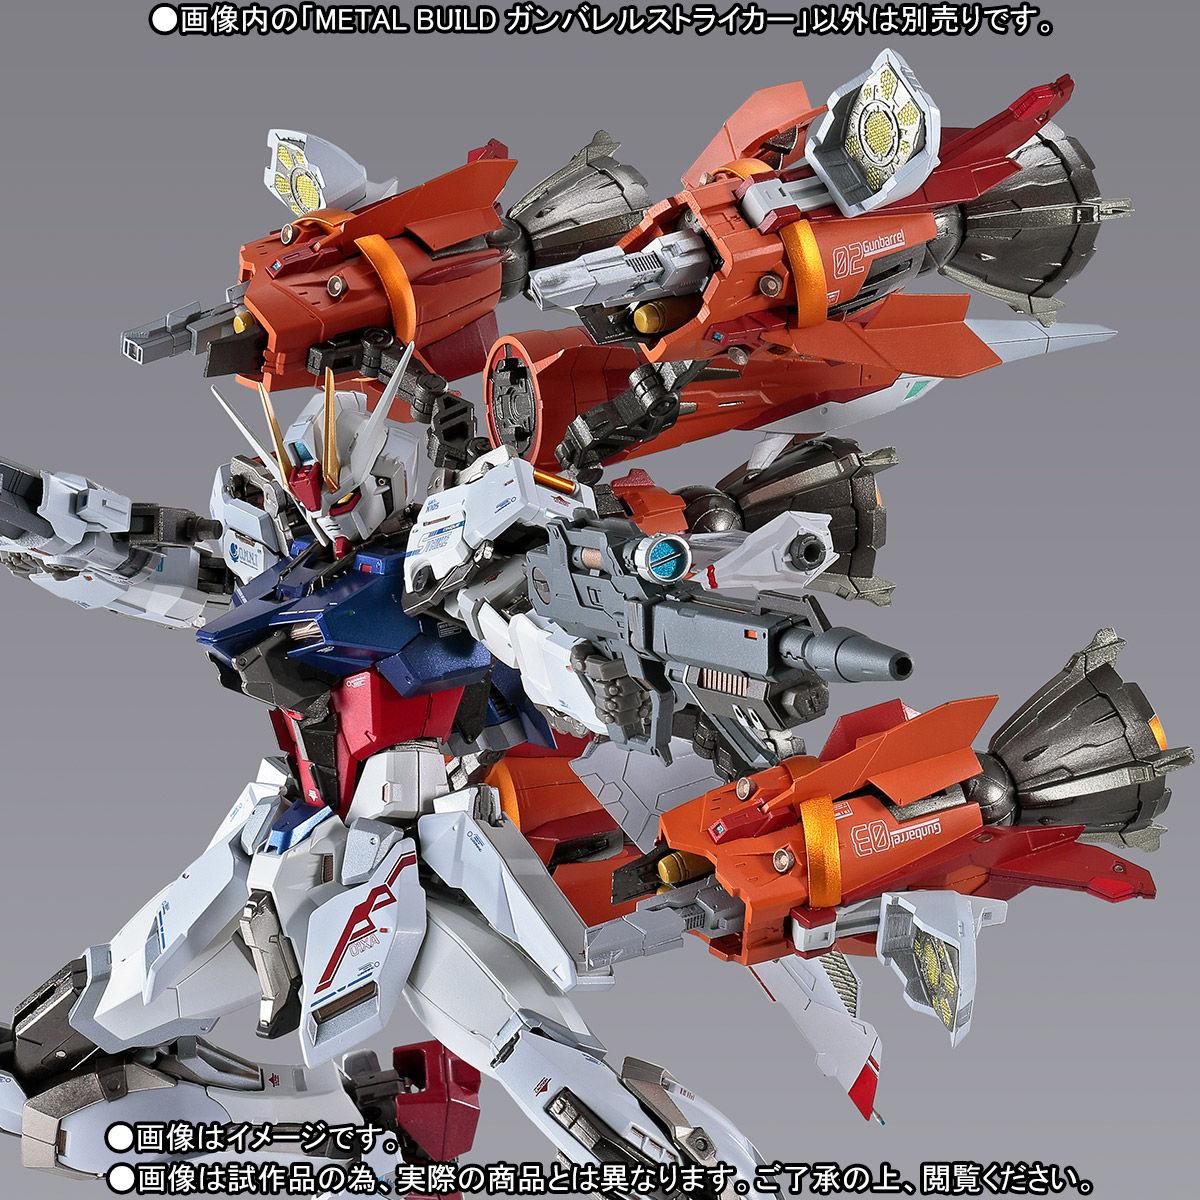 Metal Build ガンバレルストライカー ガンダムシリーズ 趣味 コレクション プレミアムバンダイ公式通販